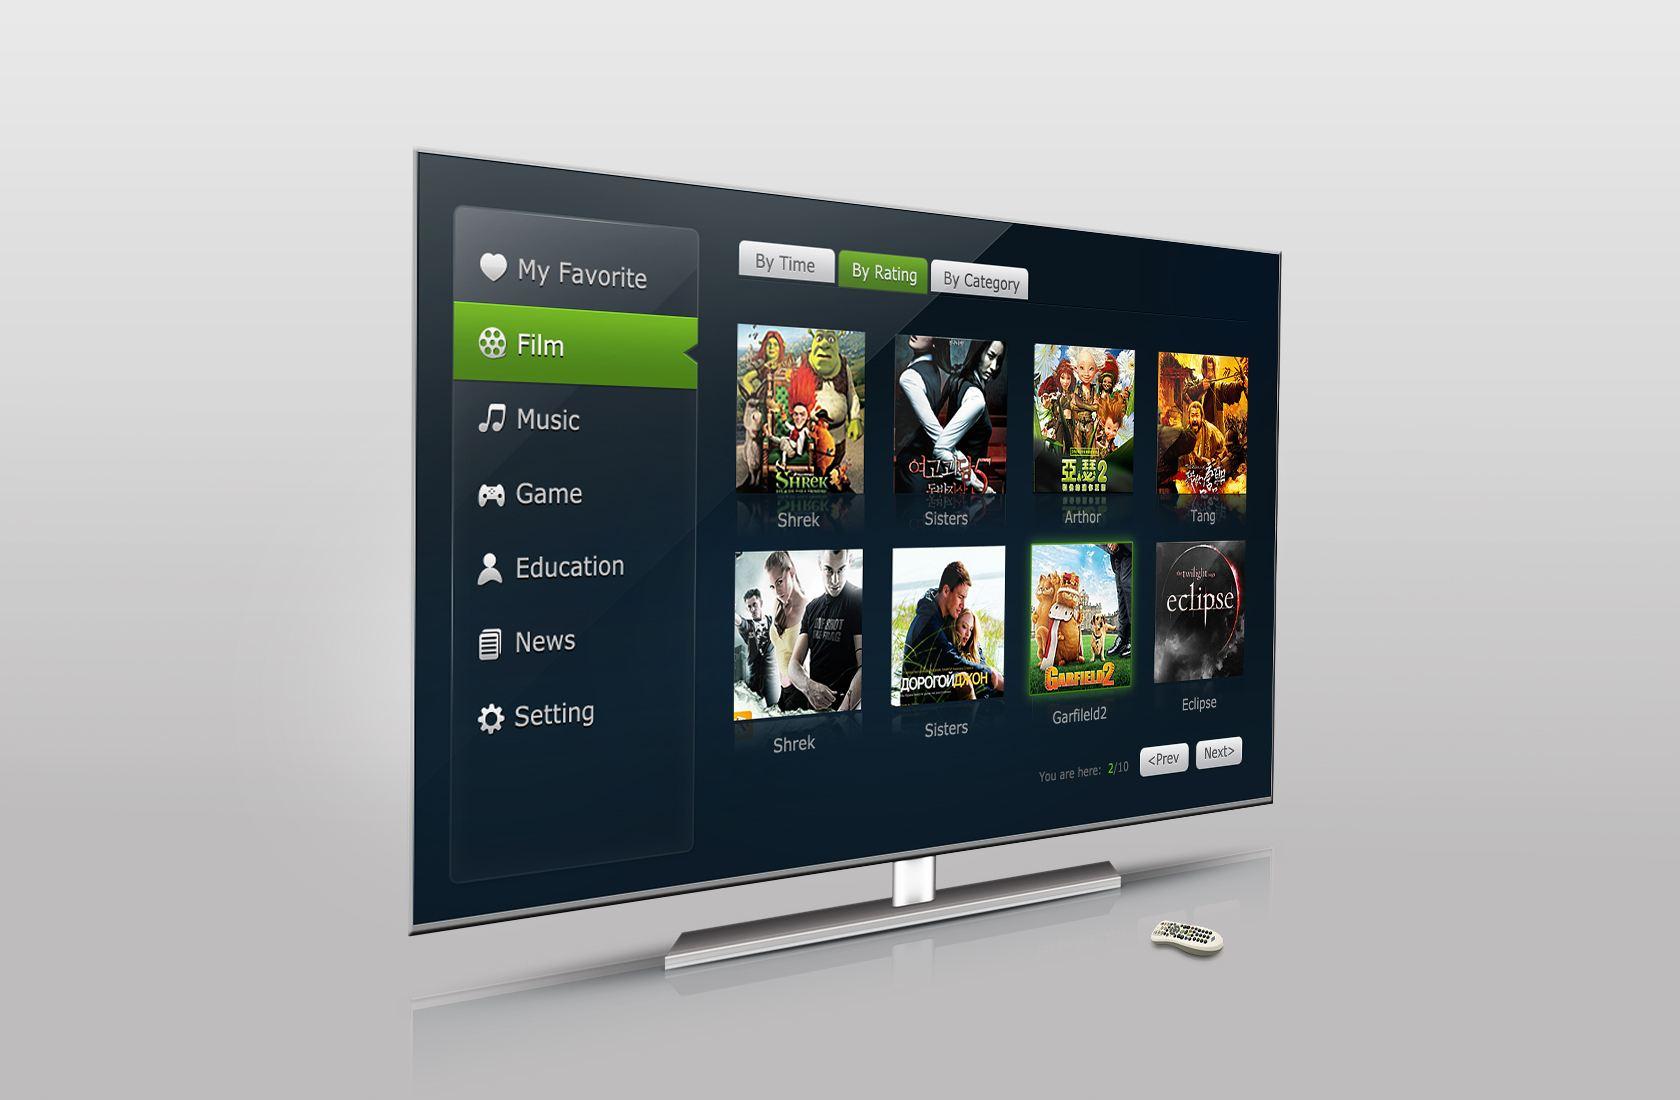 智能电视一些小故障如何排除和解决